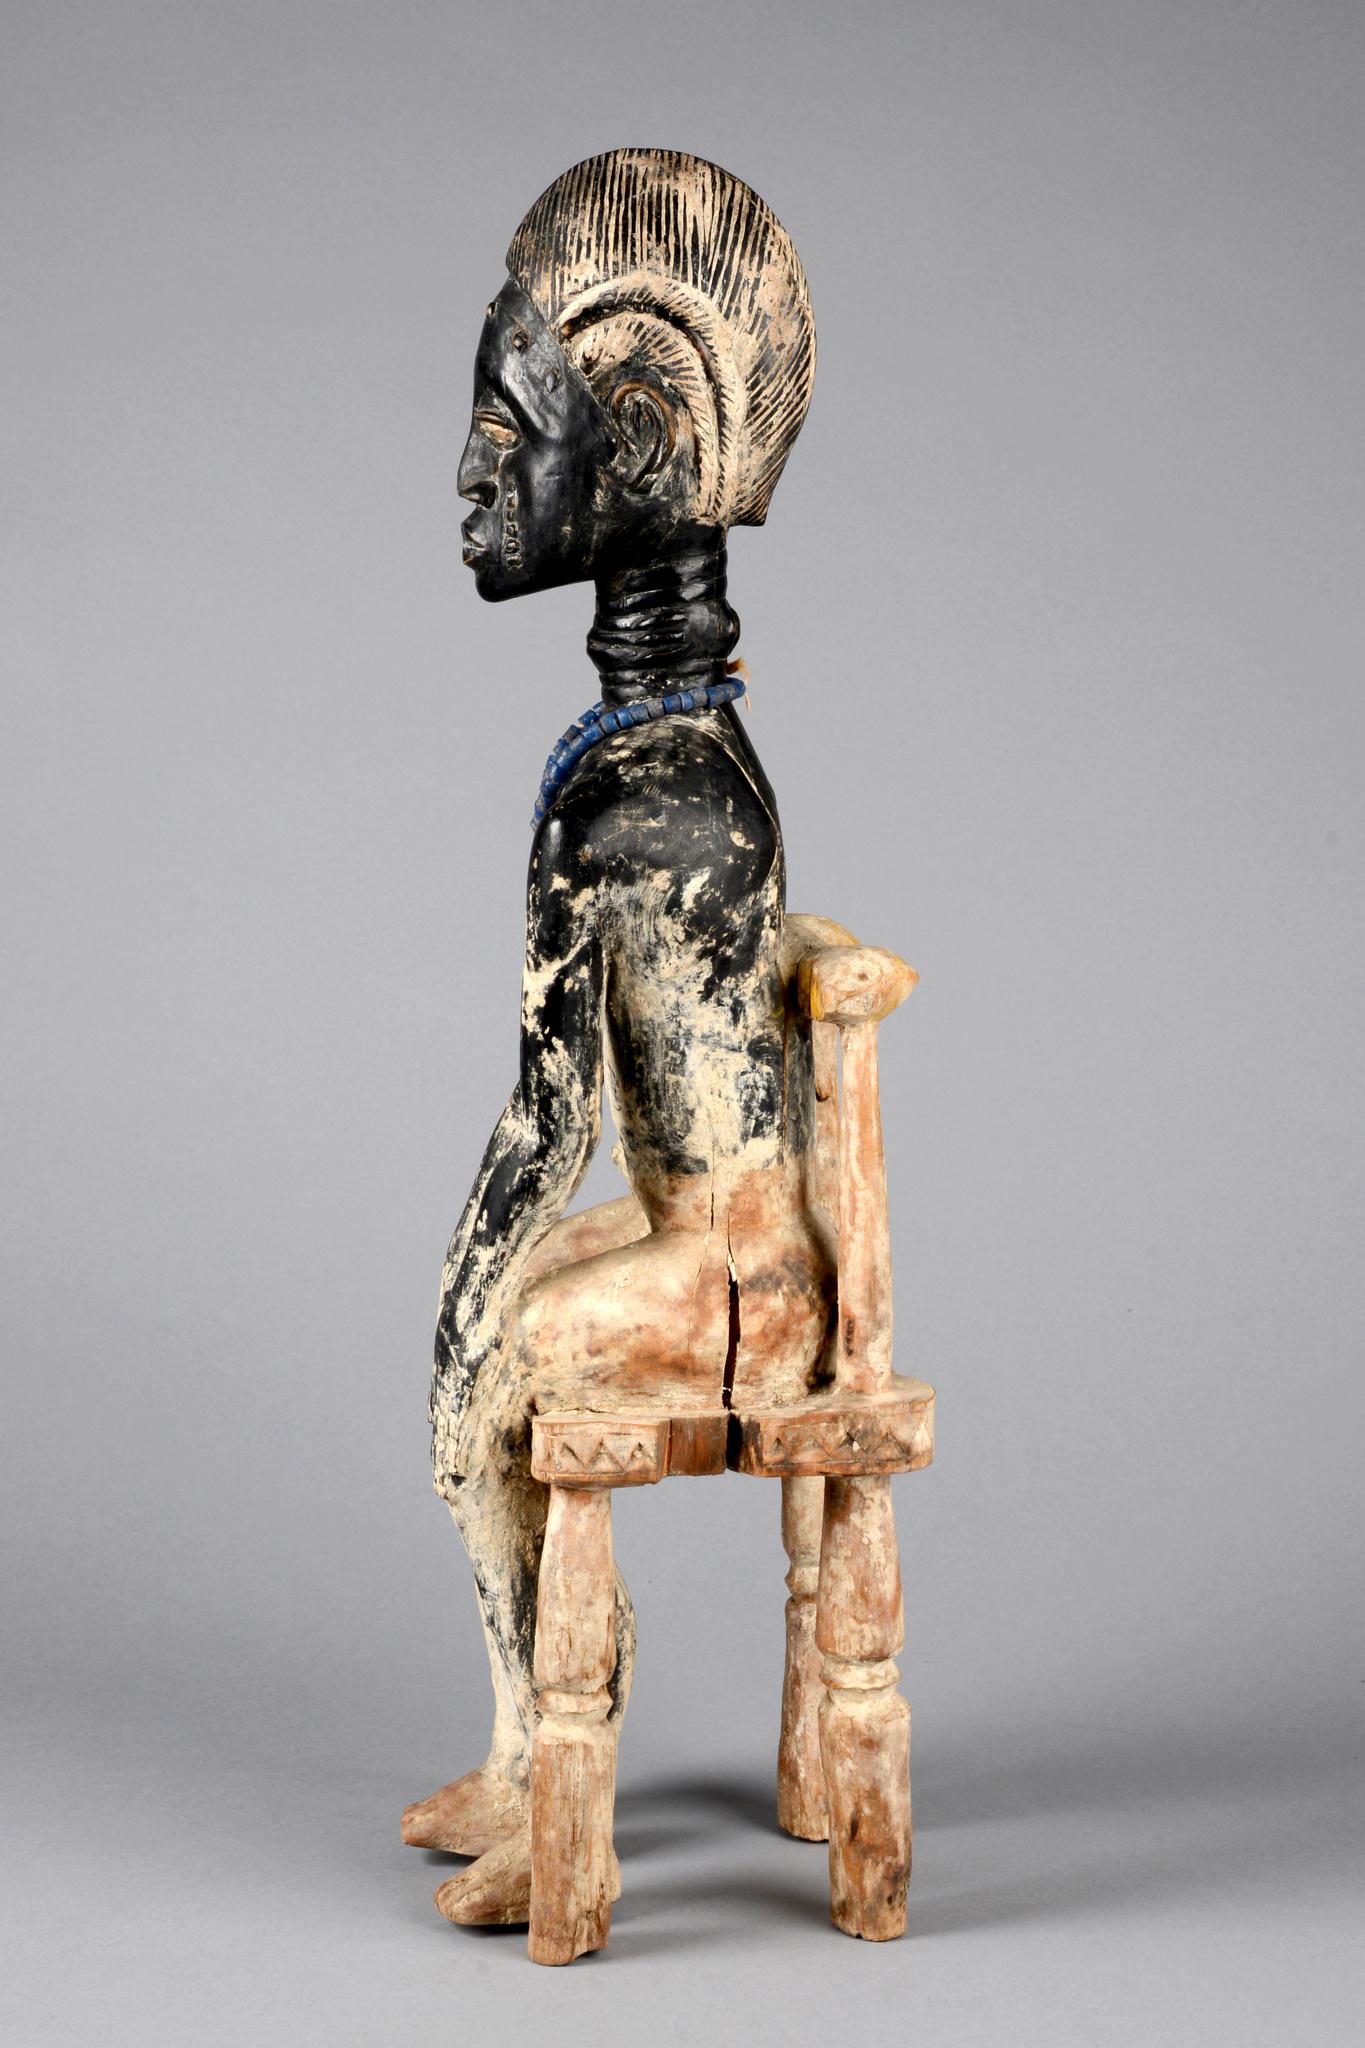 Sitzende männliche Figur